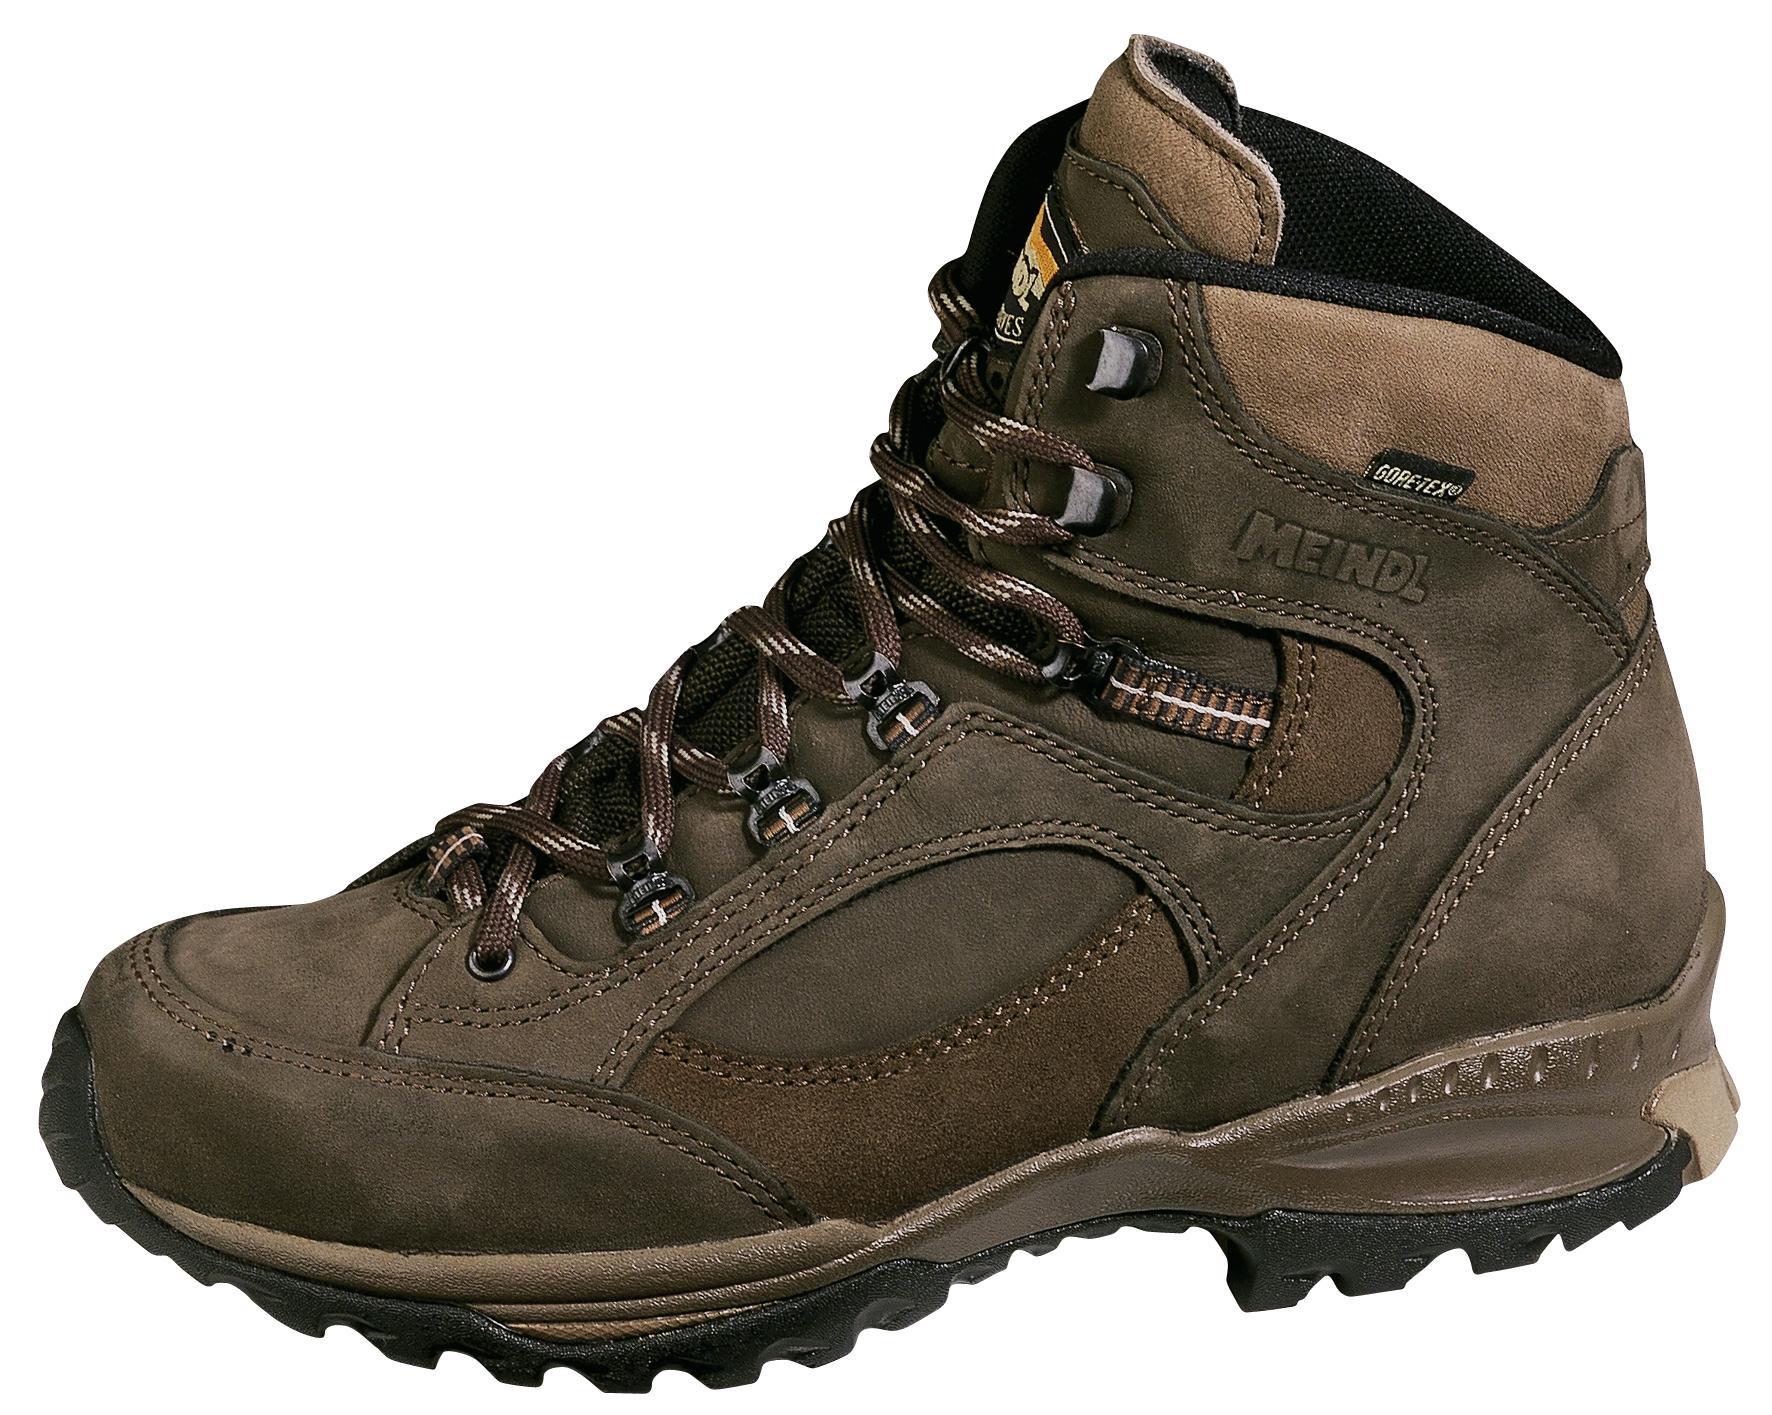 MEINDL Tampa GTX Wanderschuhe Damen braun im Online Shop von Qualität SportScheck kaufen Gute Qualität von beliebte Schuhe 0ae868